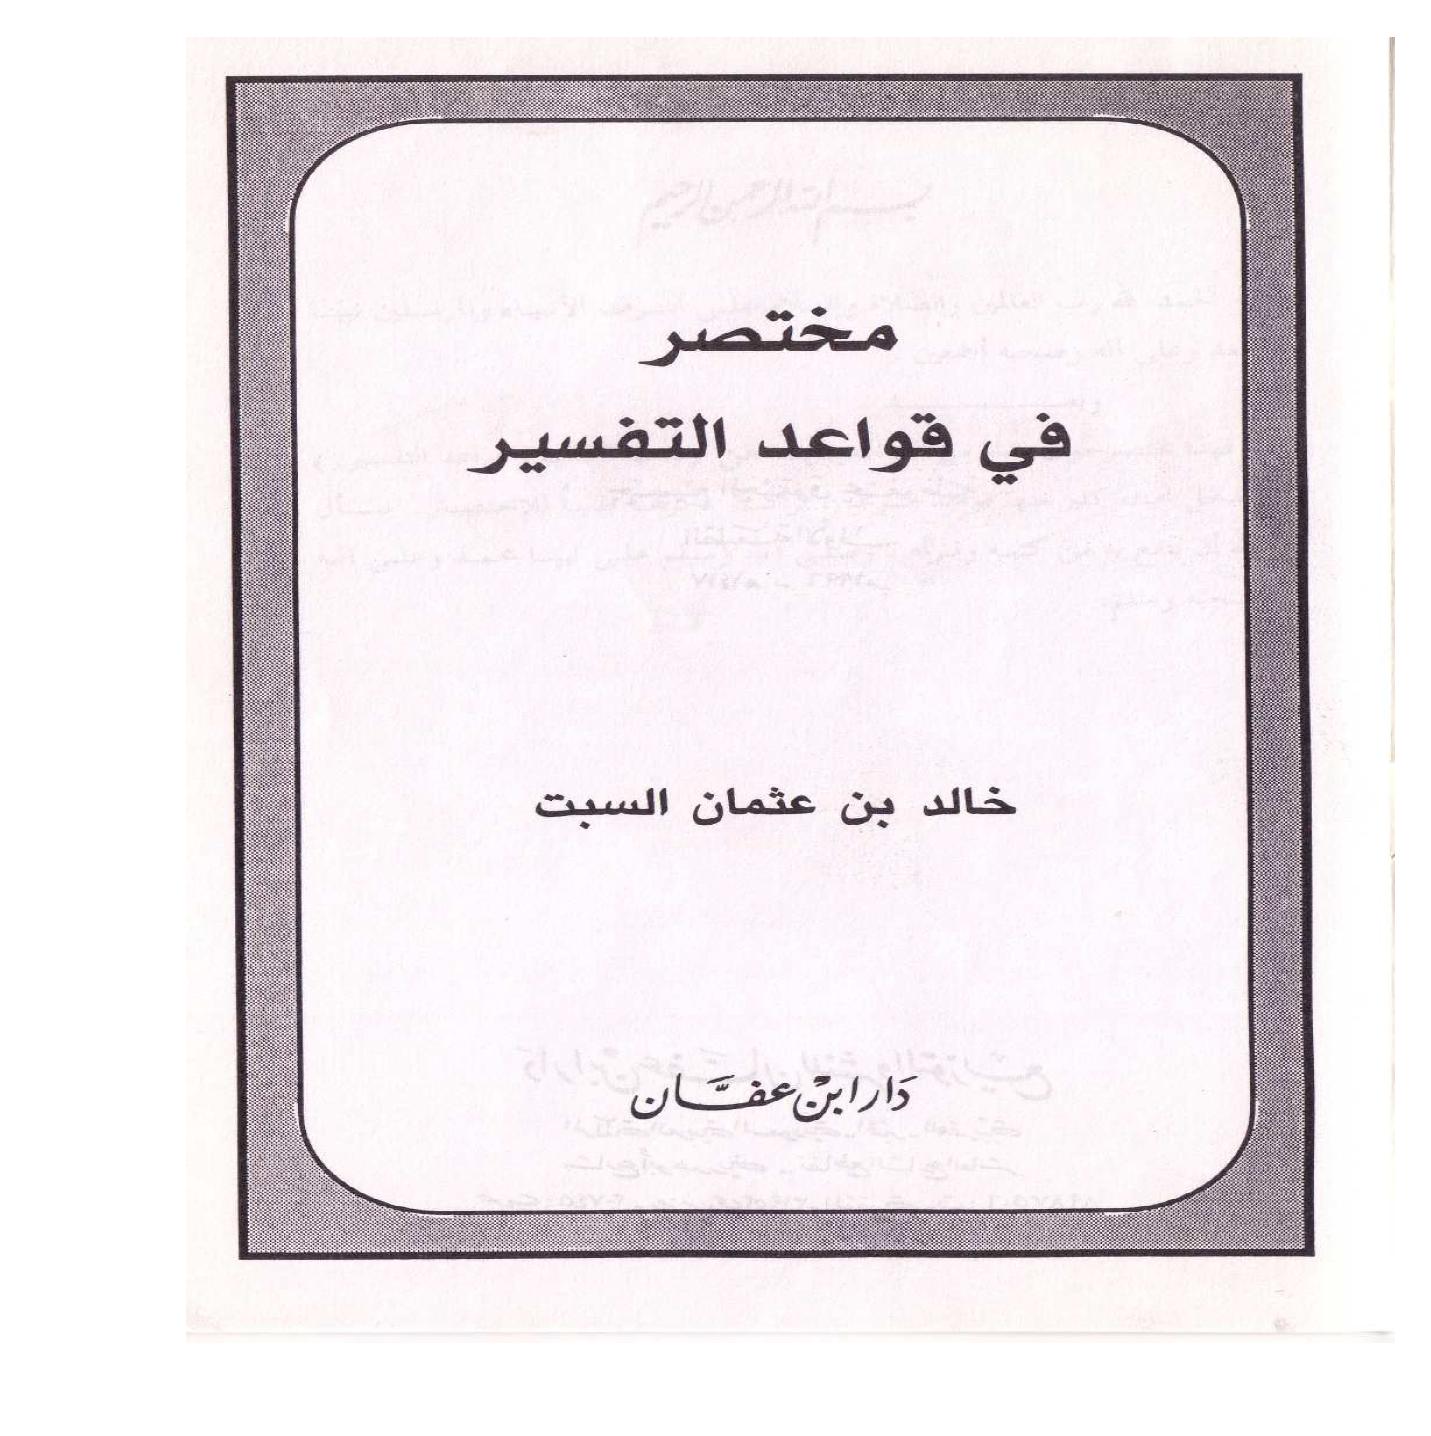 مختصر في قواعد التفسير - خالد بن عثمان السبت